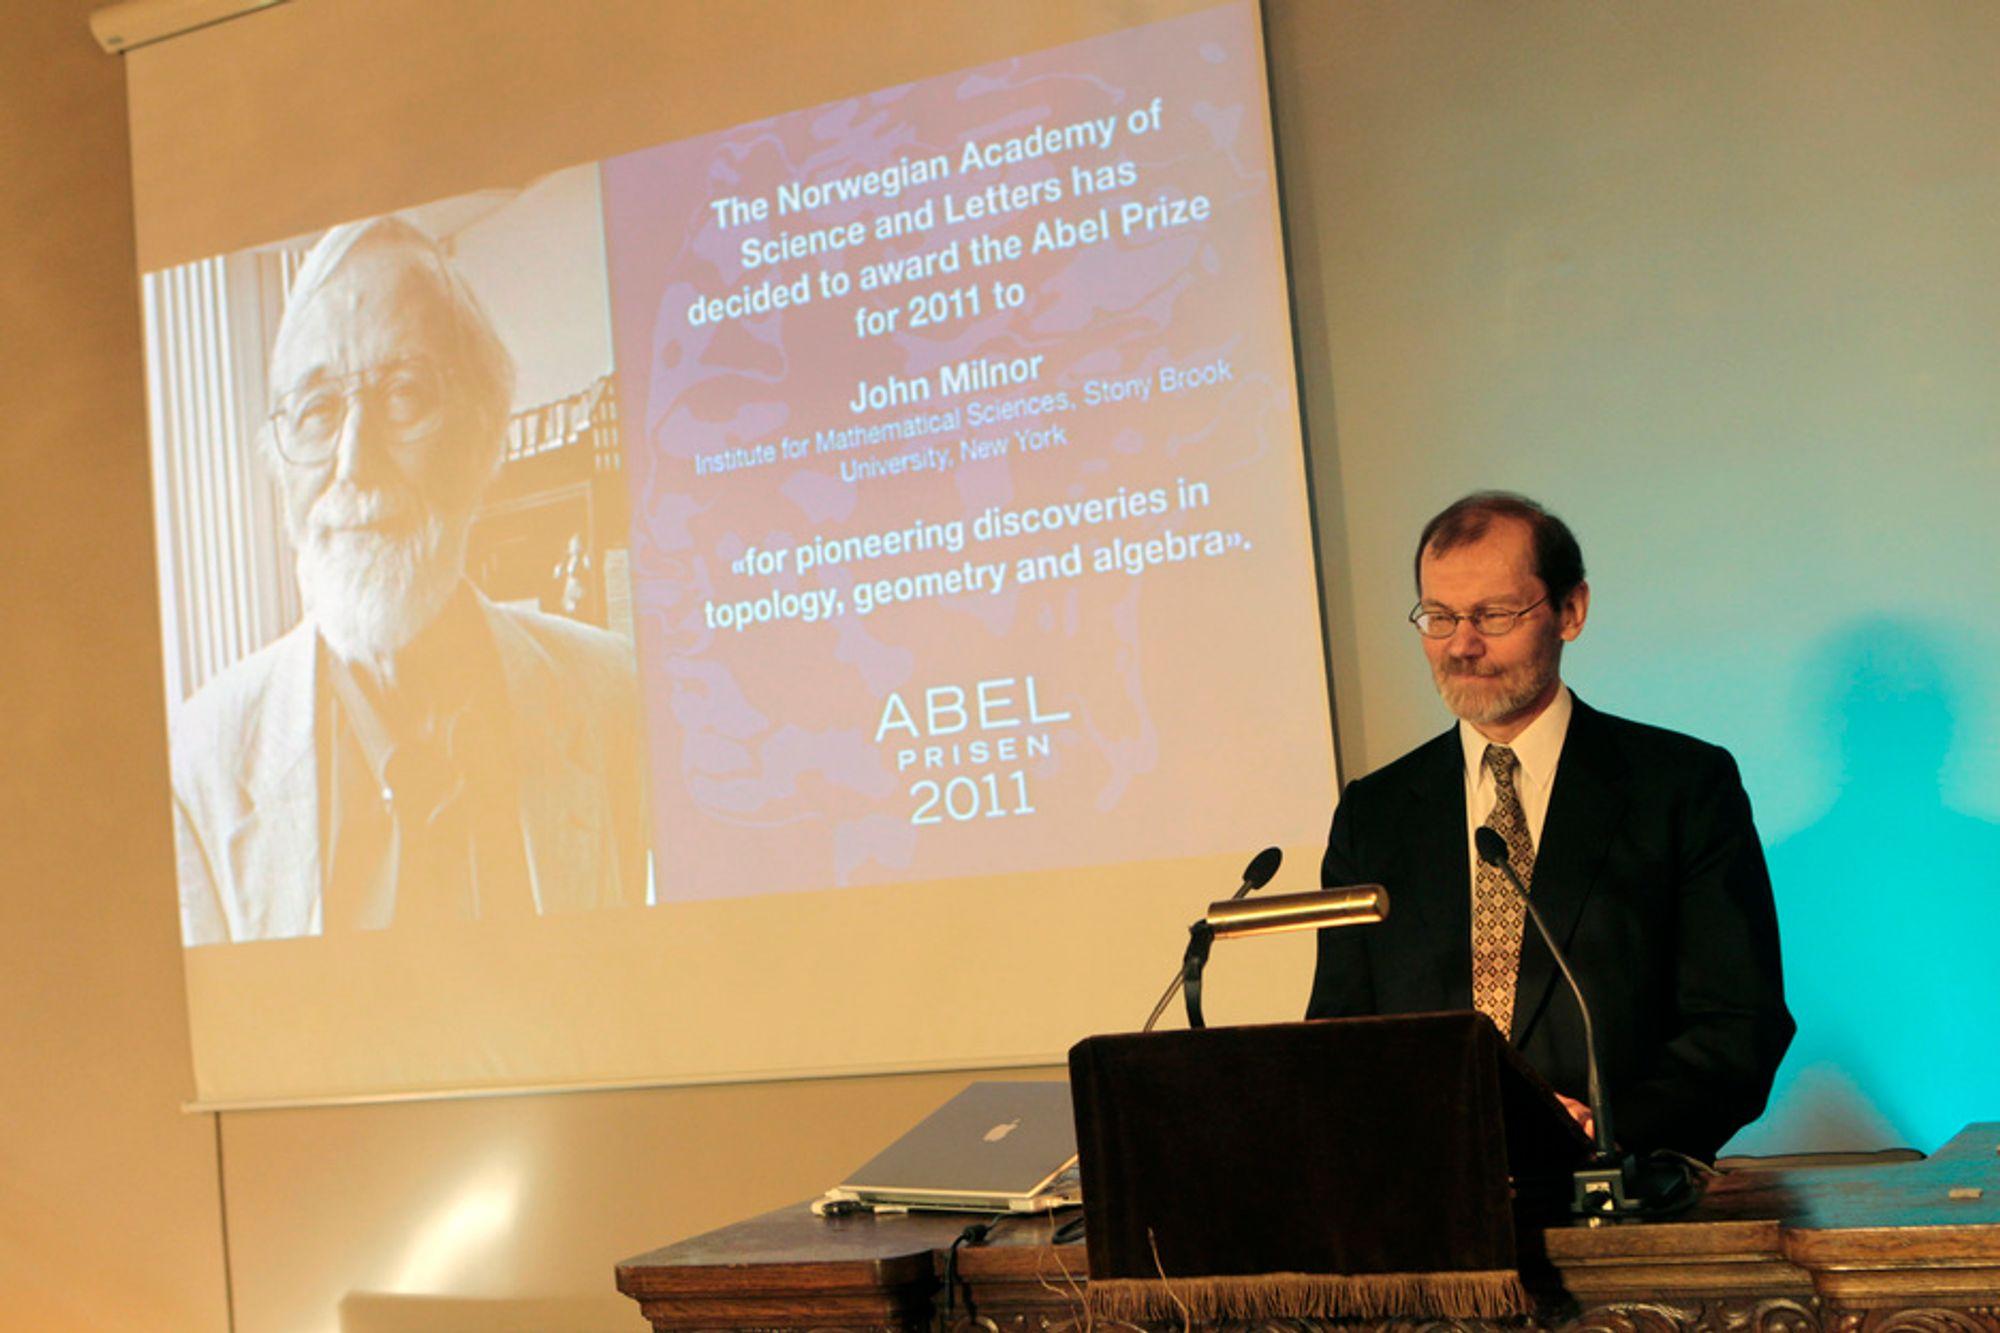 Preses i Abelkomiteen, Øyvind Østerud, kunngjør onsdag at John Willard Milnor (80) er tildelt Abelprisen for 2011 for banebrytende oppdagelser innenfor geometri, algebra og topologi.